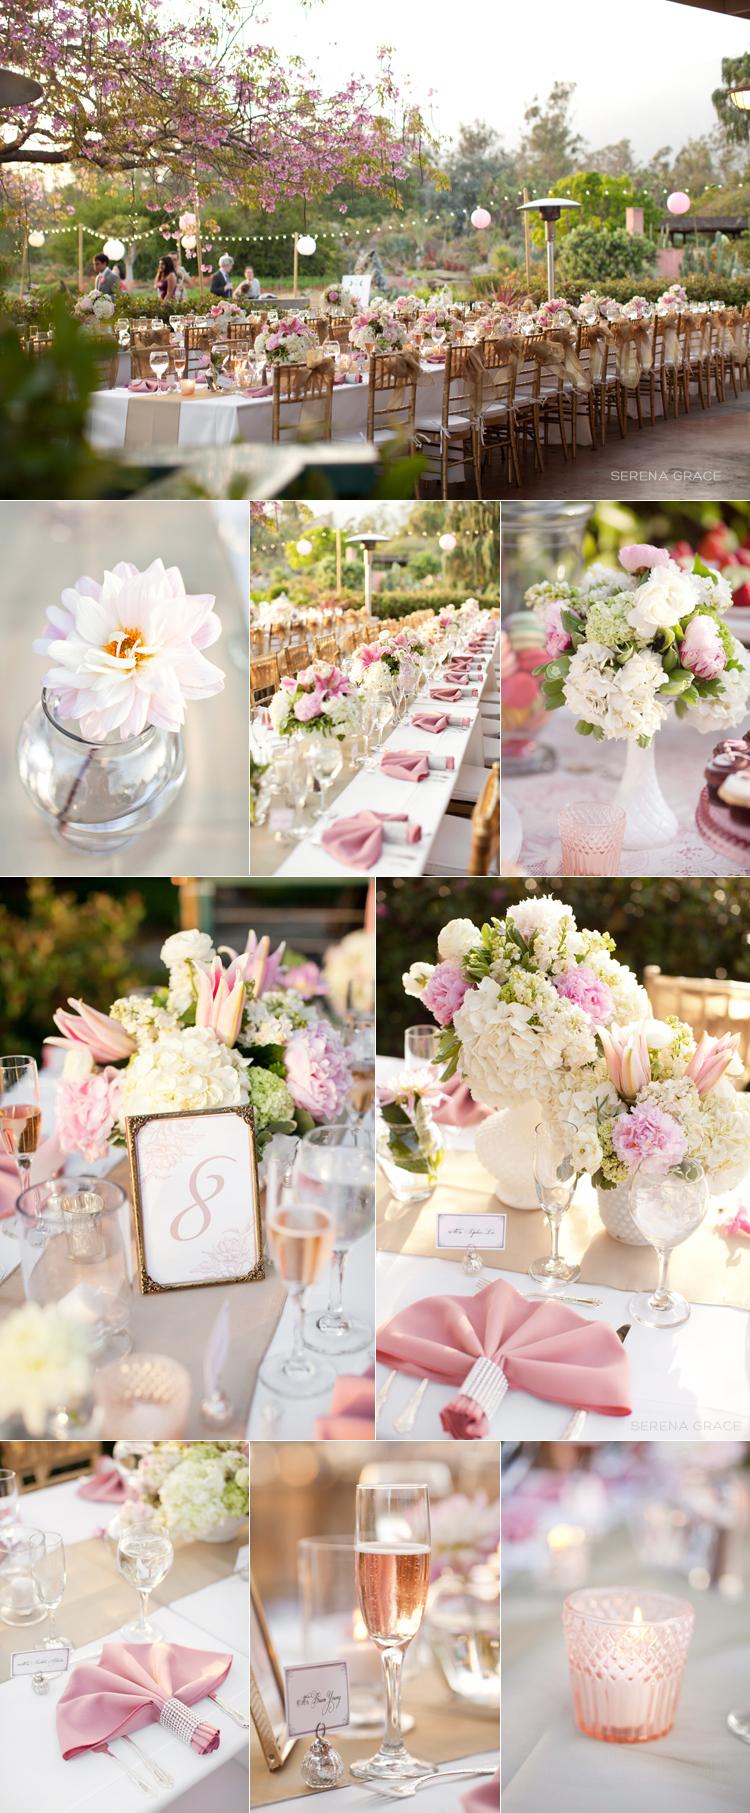 LA_Arboretum_wedding_34